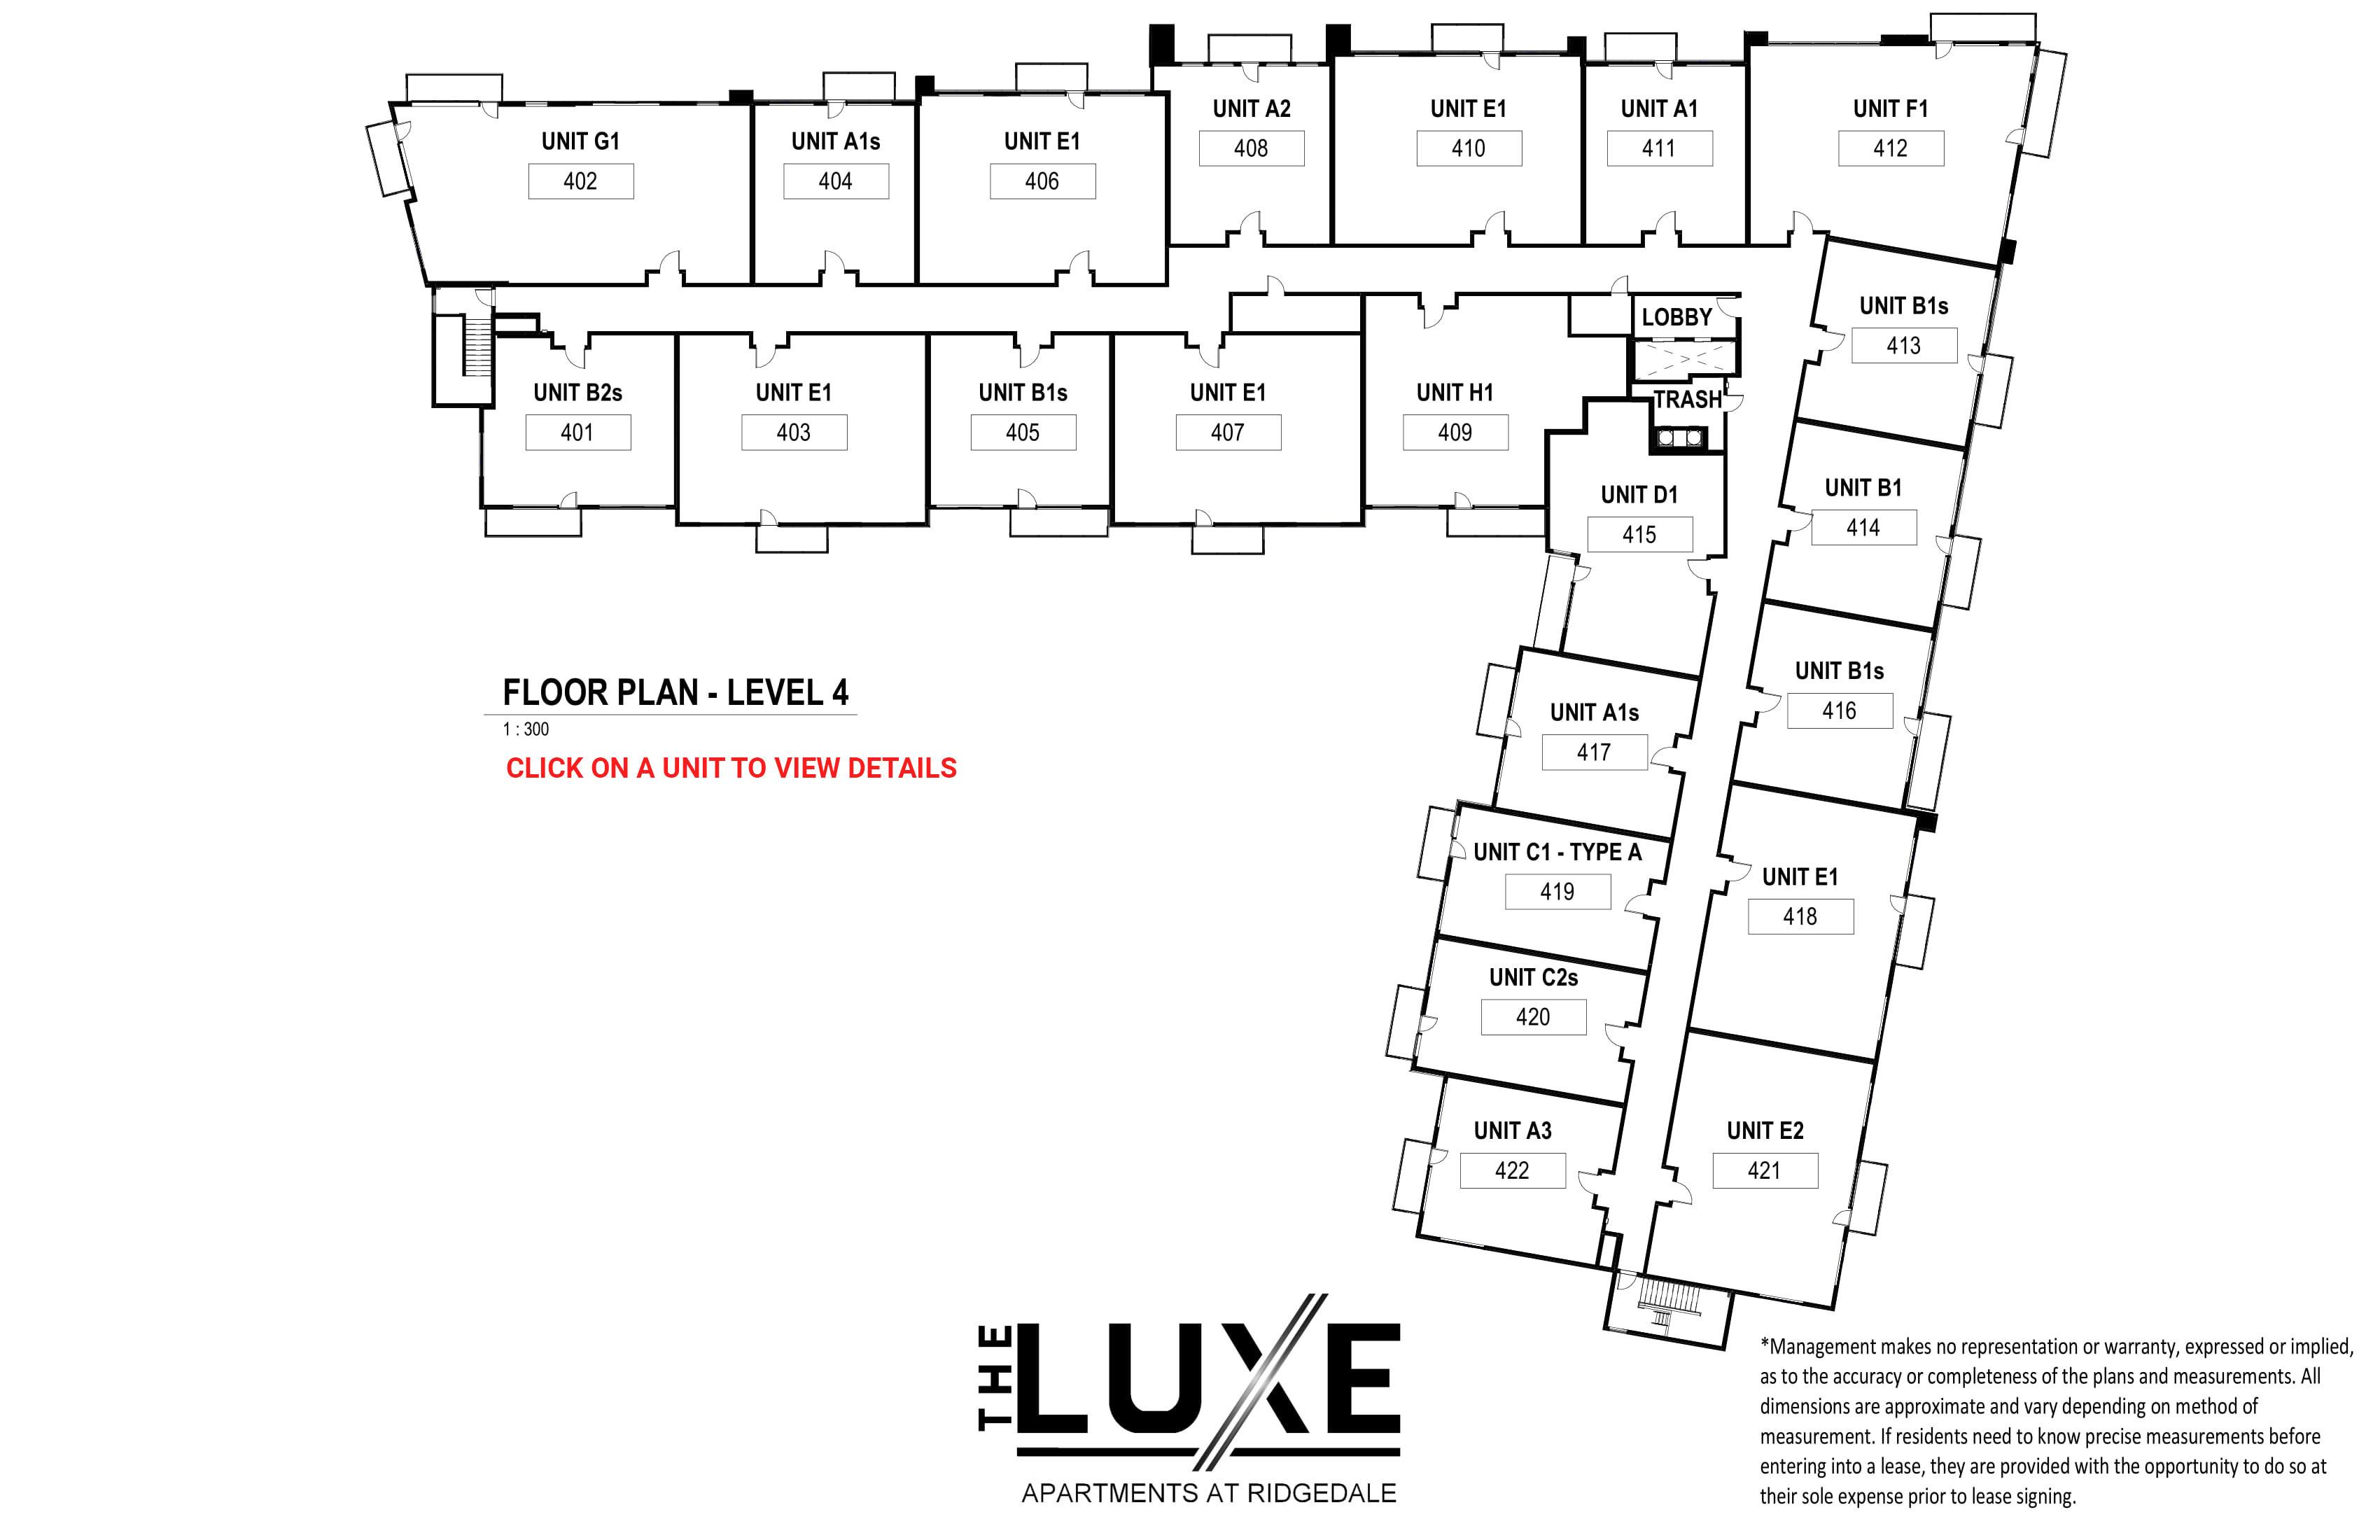 Floor Plan - Level 4